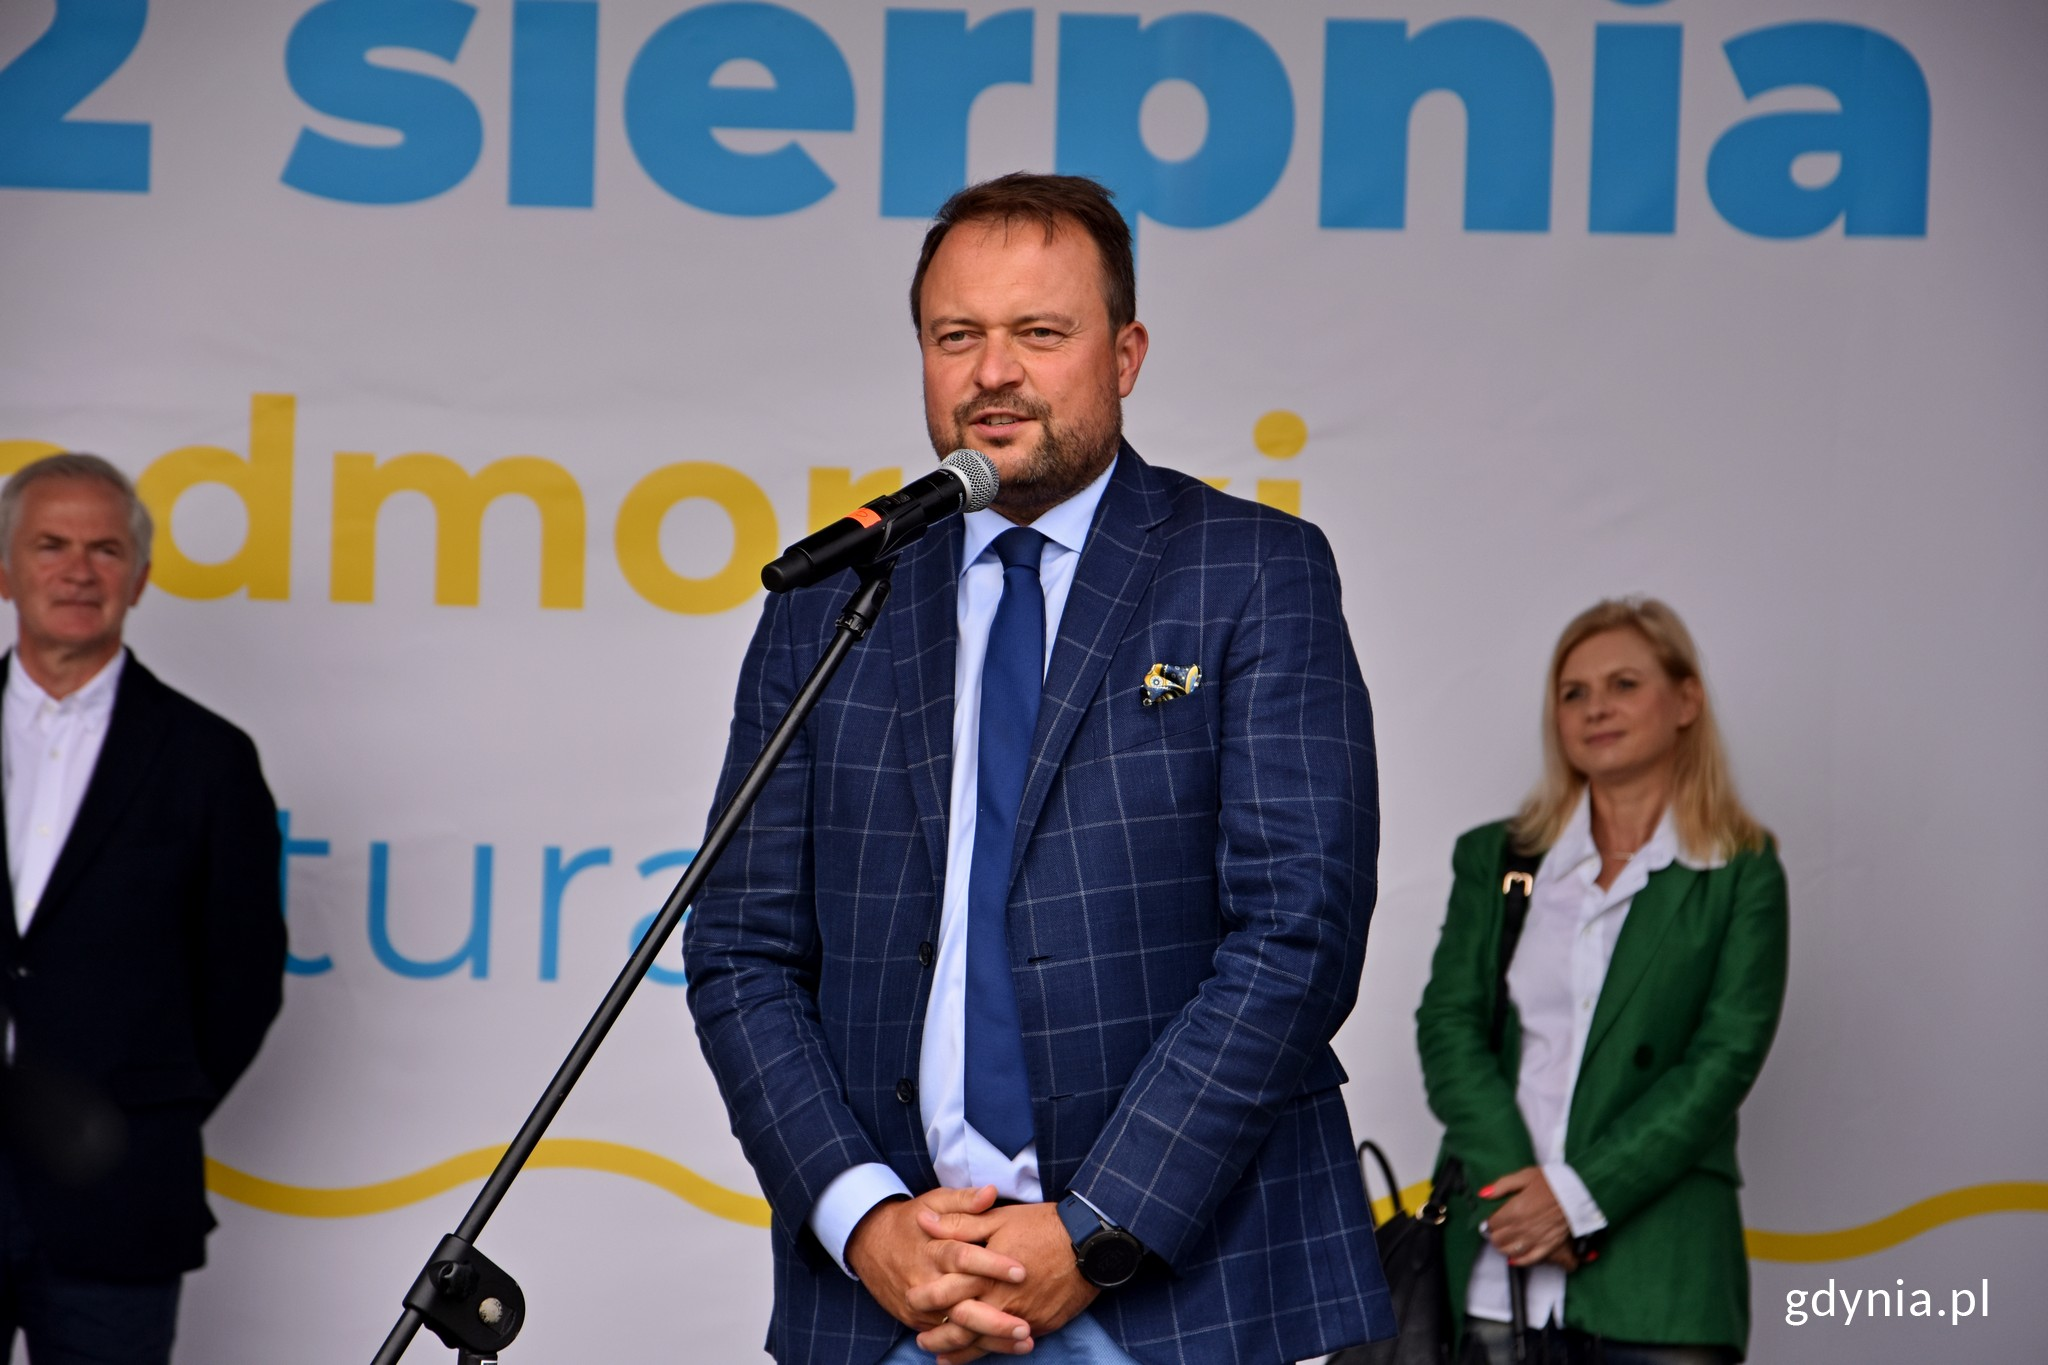 Plener Literacki w Gdyni 2020. N/z Prezydent Marek Łucek. Fot. Paweł Kukla